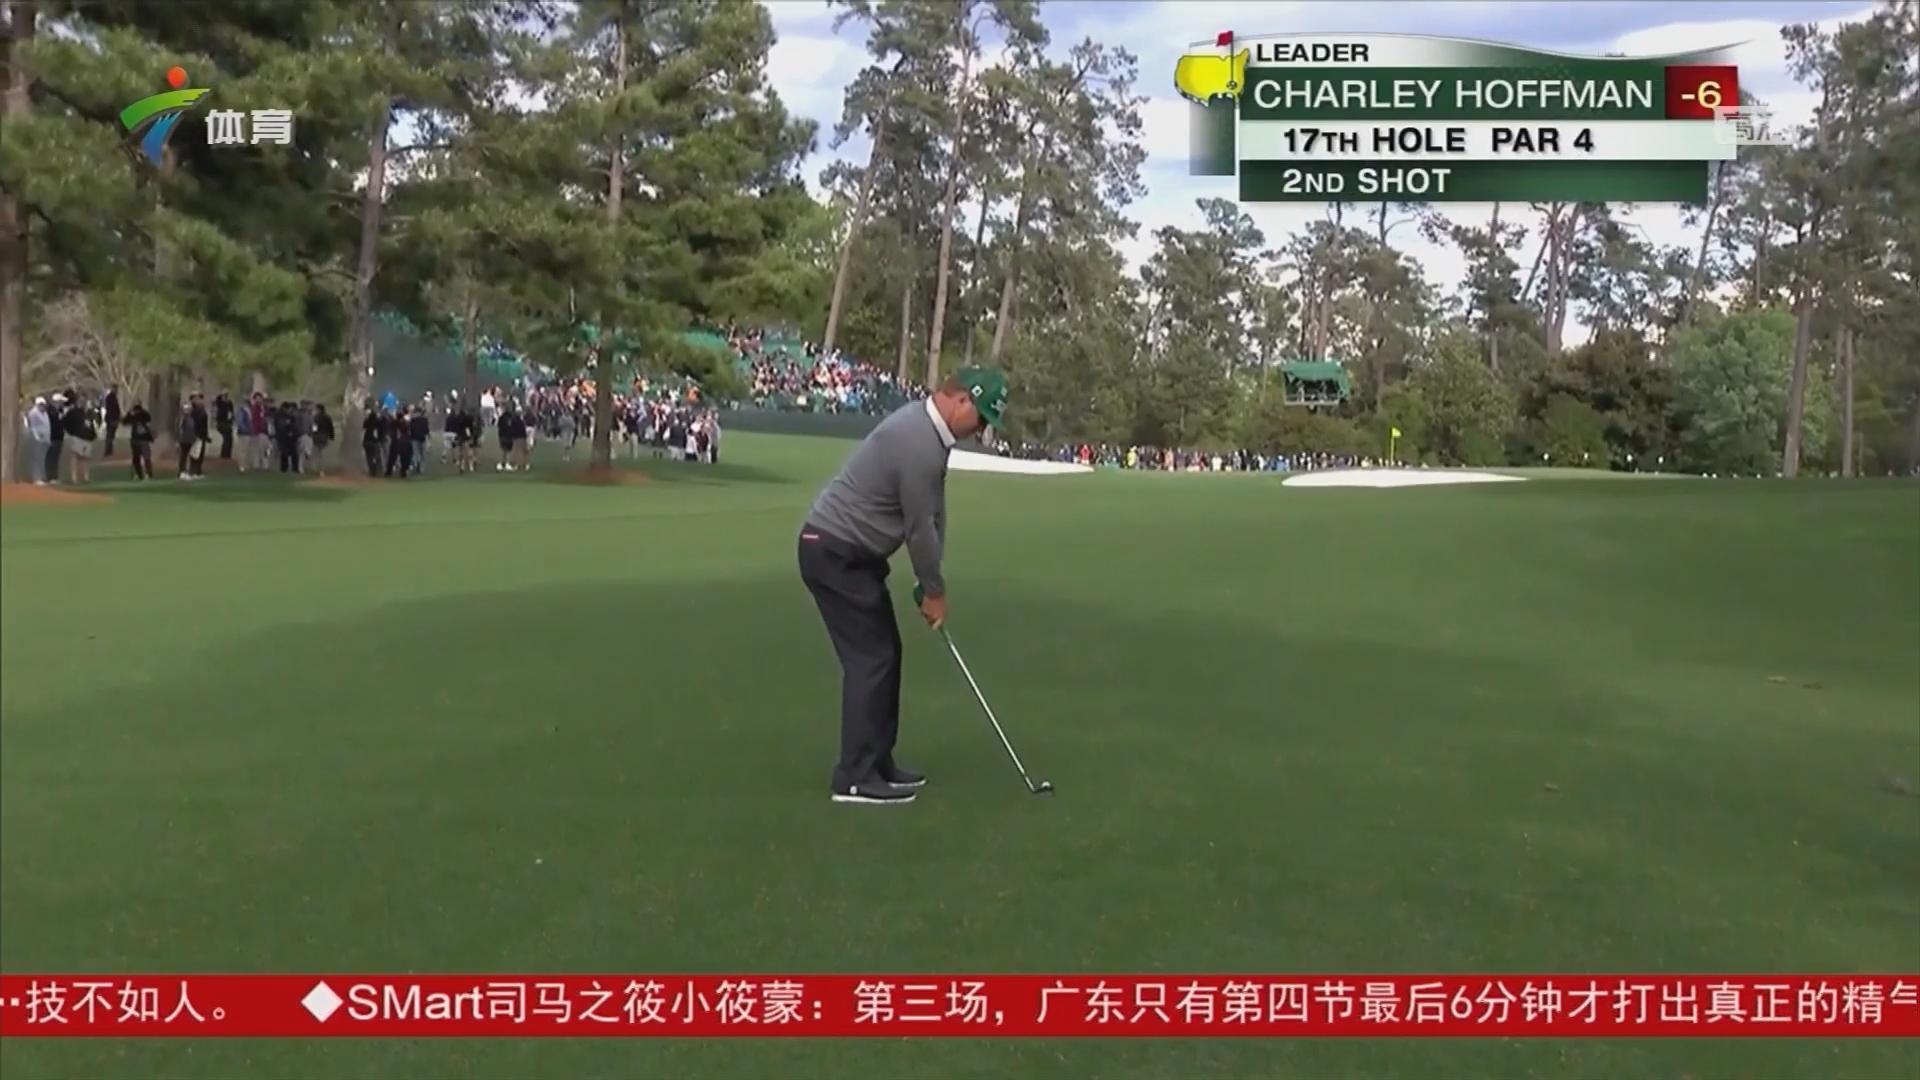 高尔夫美国大师赛 美国老将将取得首轮单独领先